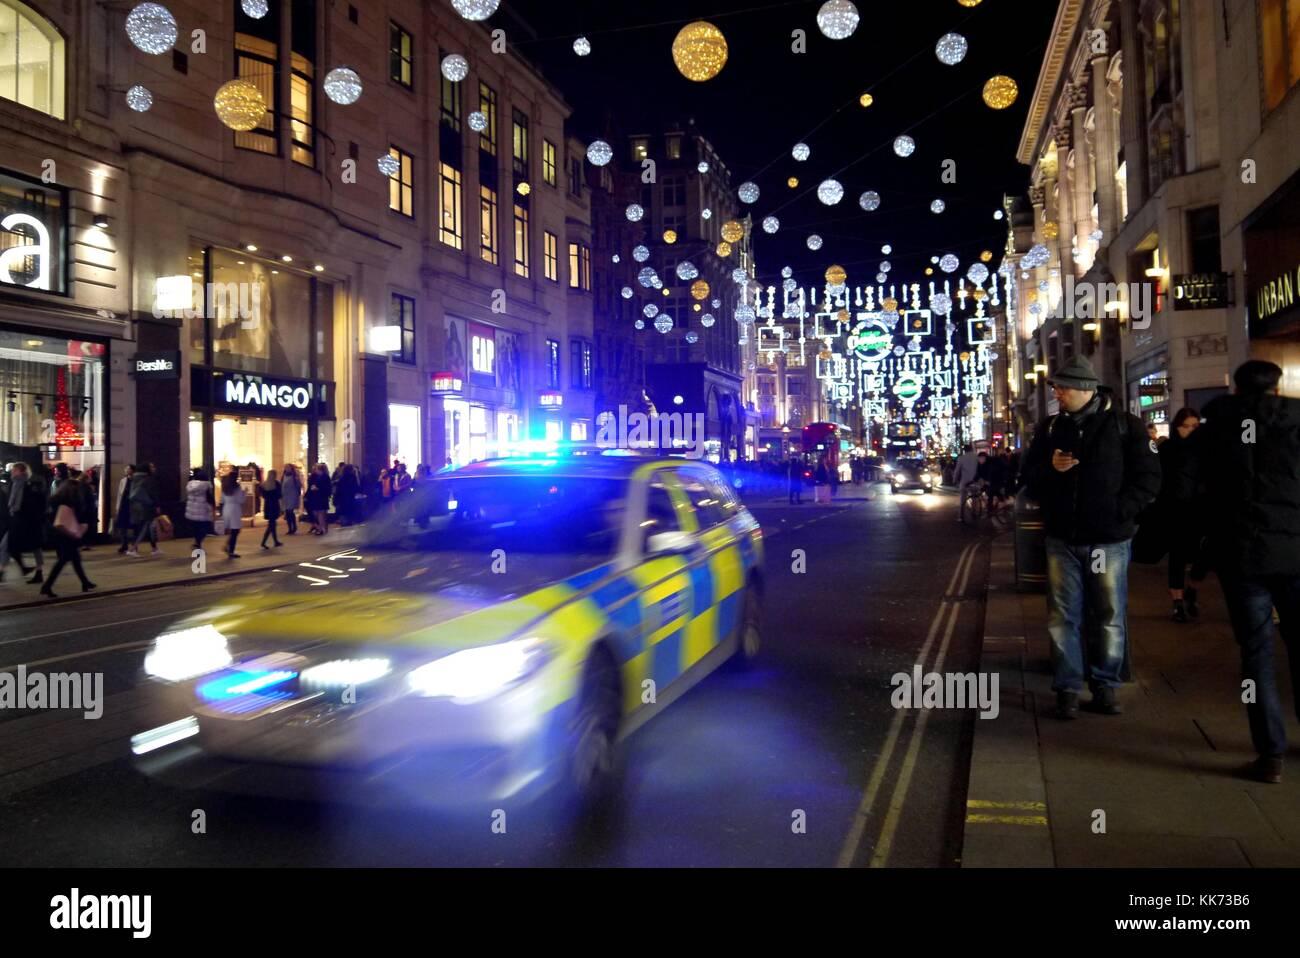 Oxford Street su Red Alert dopo Venerdì Nero spaventare, molti poliziotti pressence 28.11.2017 Immagini Stock